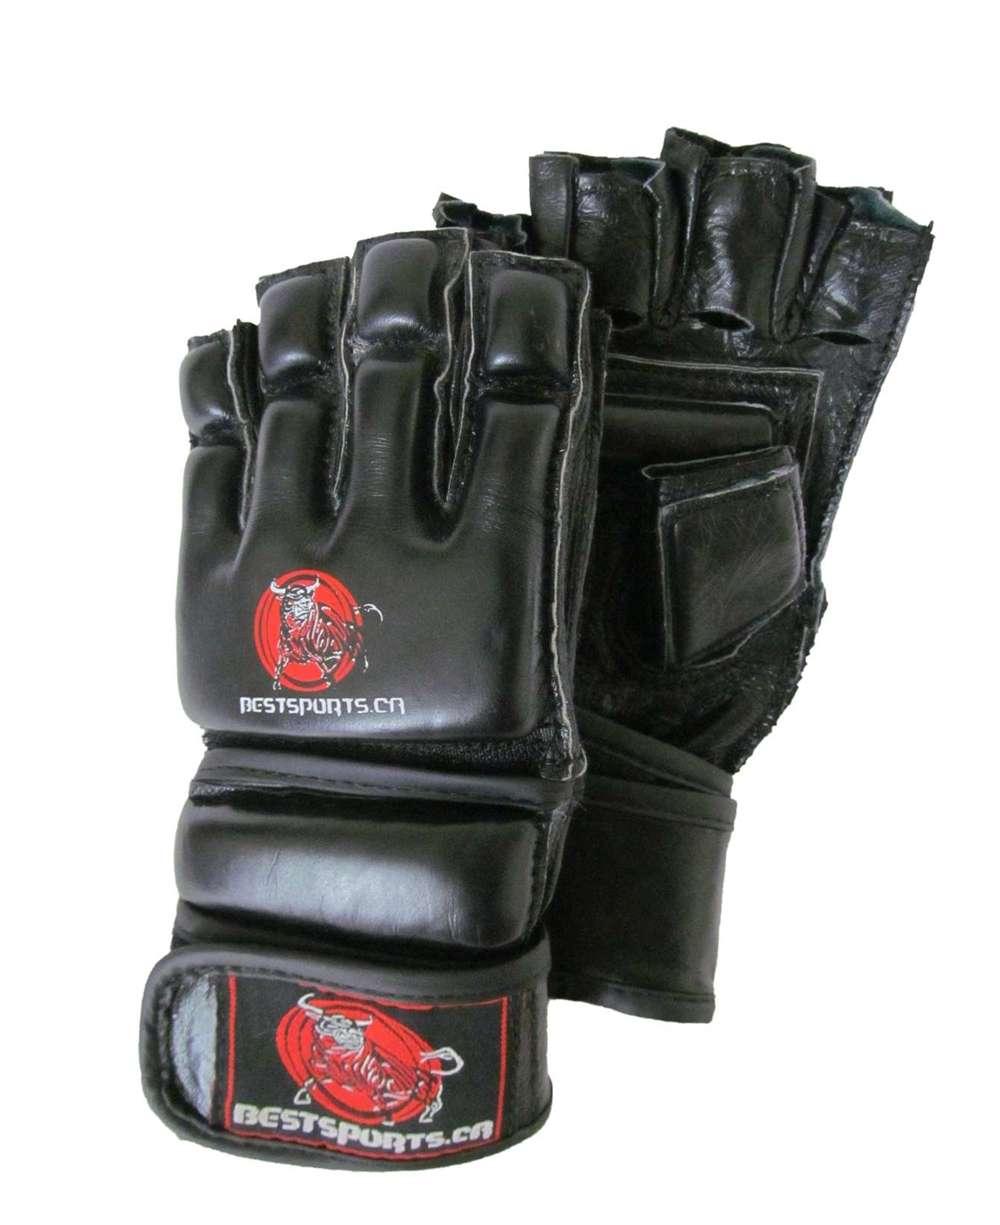 Kid's MMA Gloves